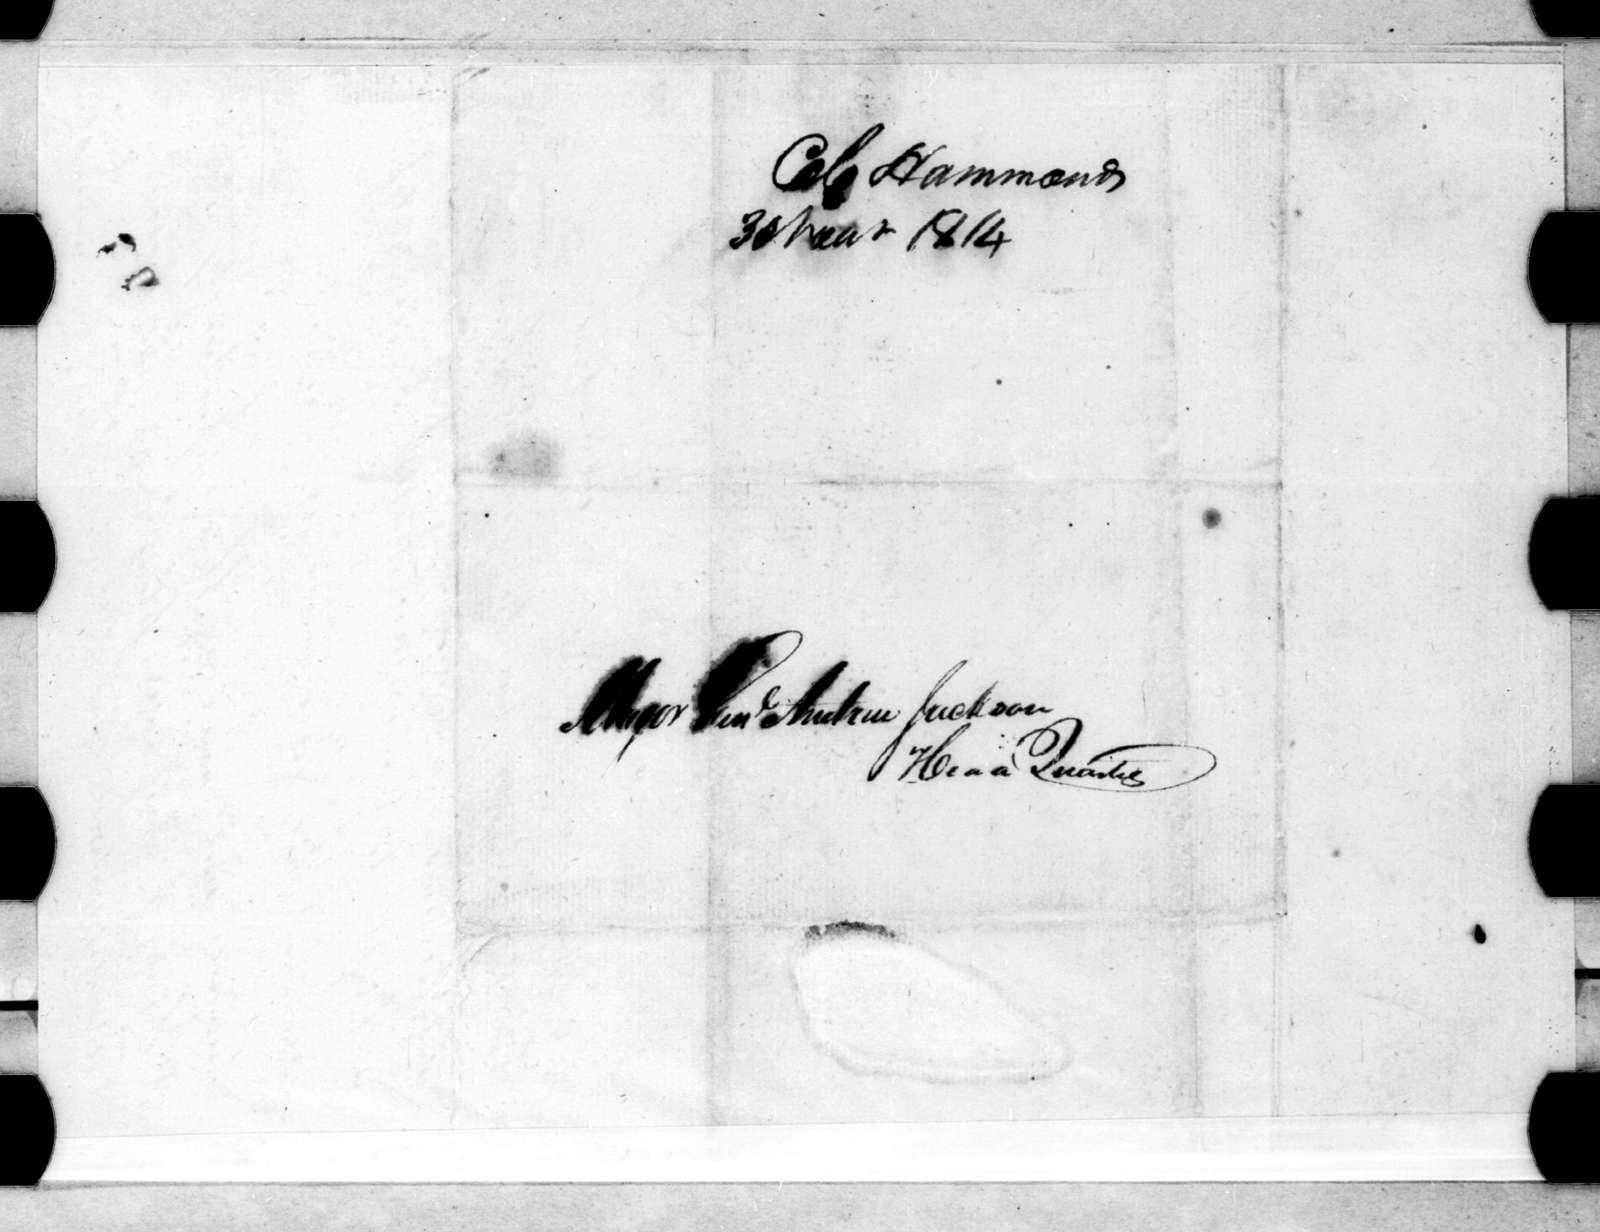 Leroy Hammons to Andrew Jackson, November 3, 1814